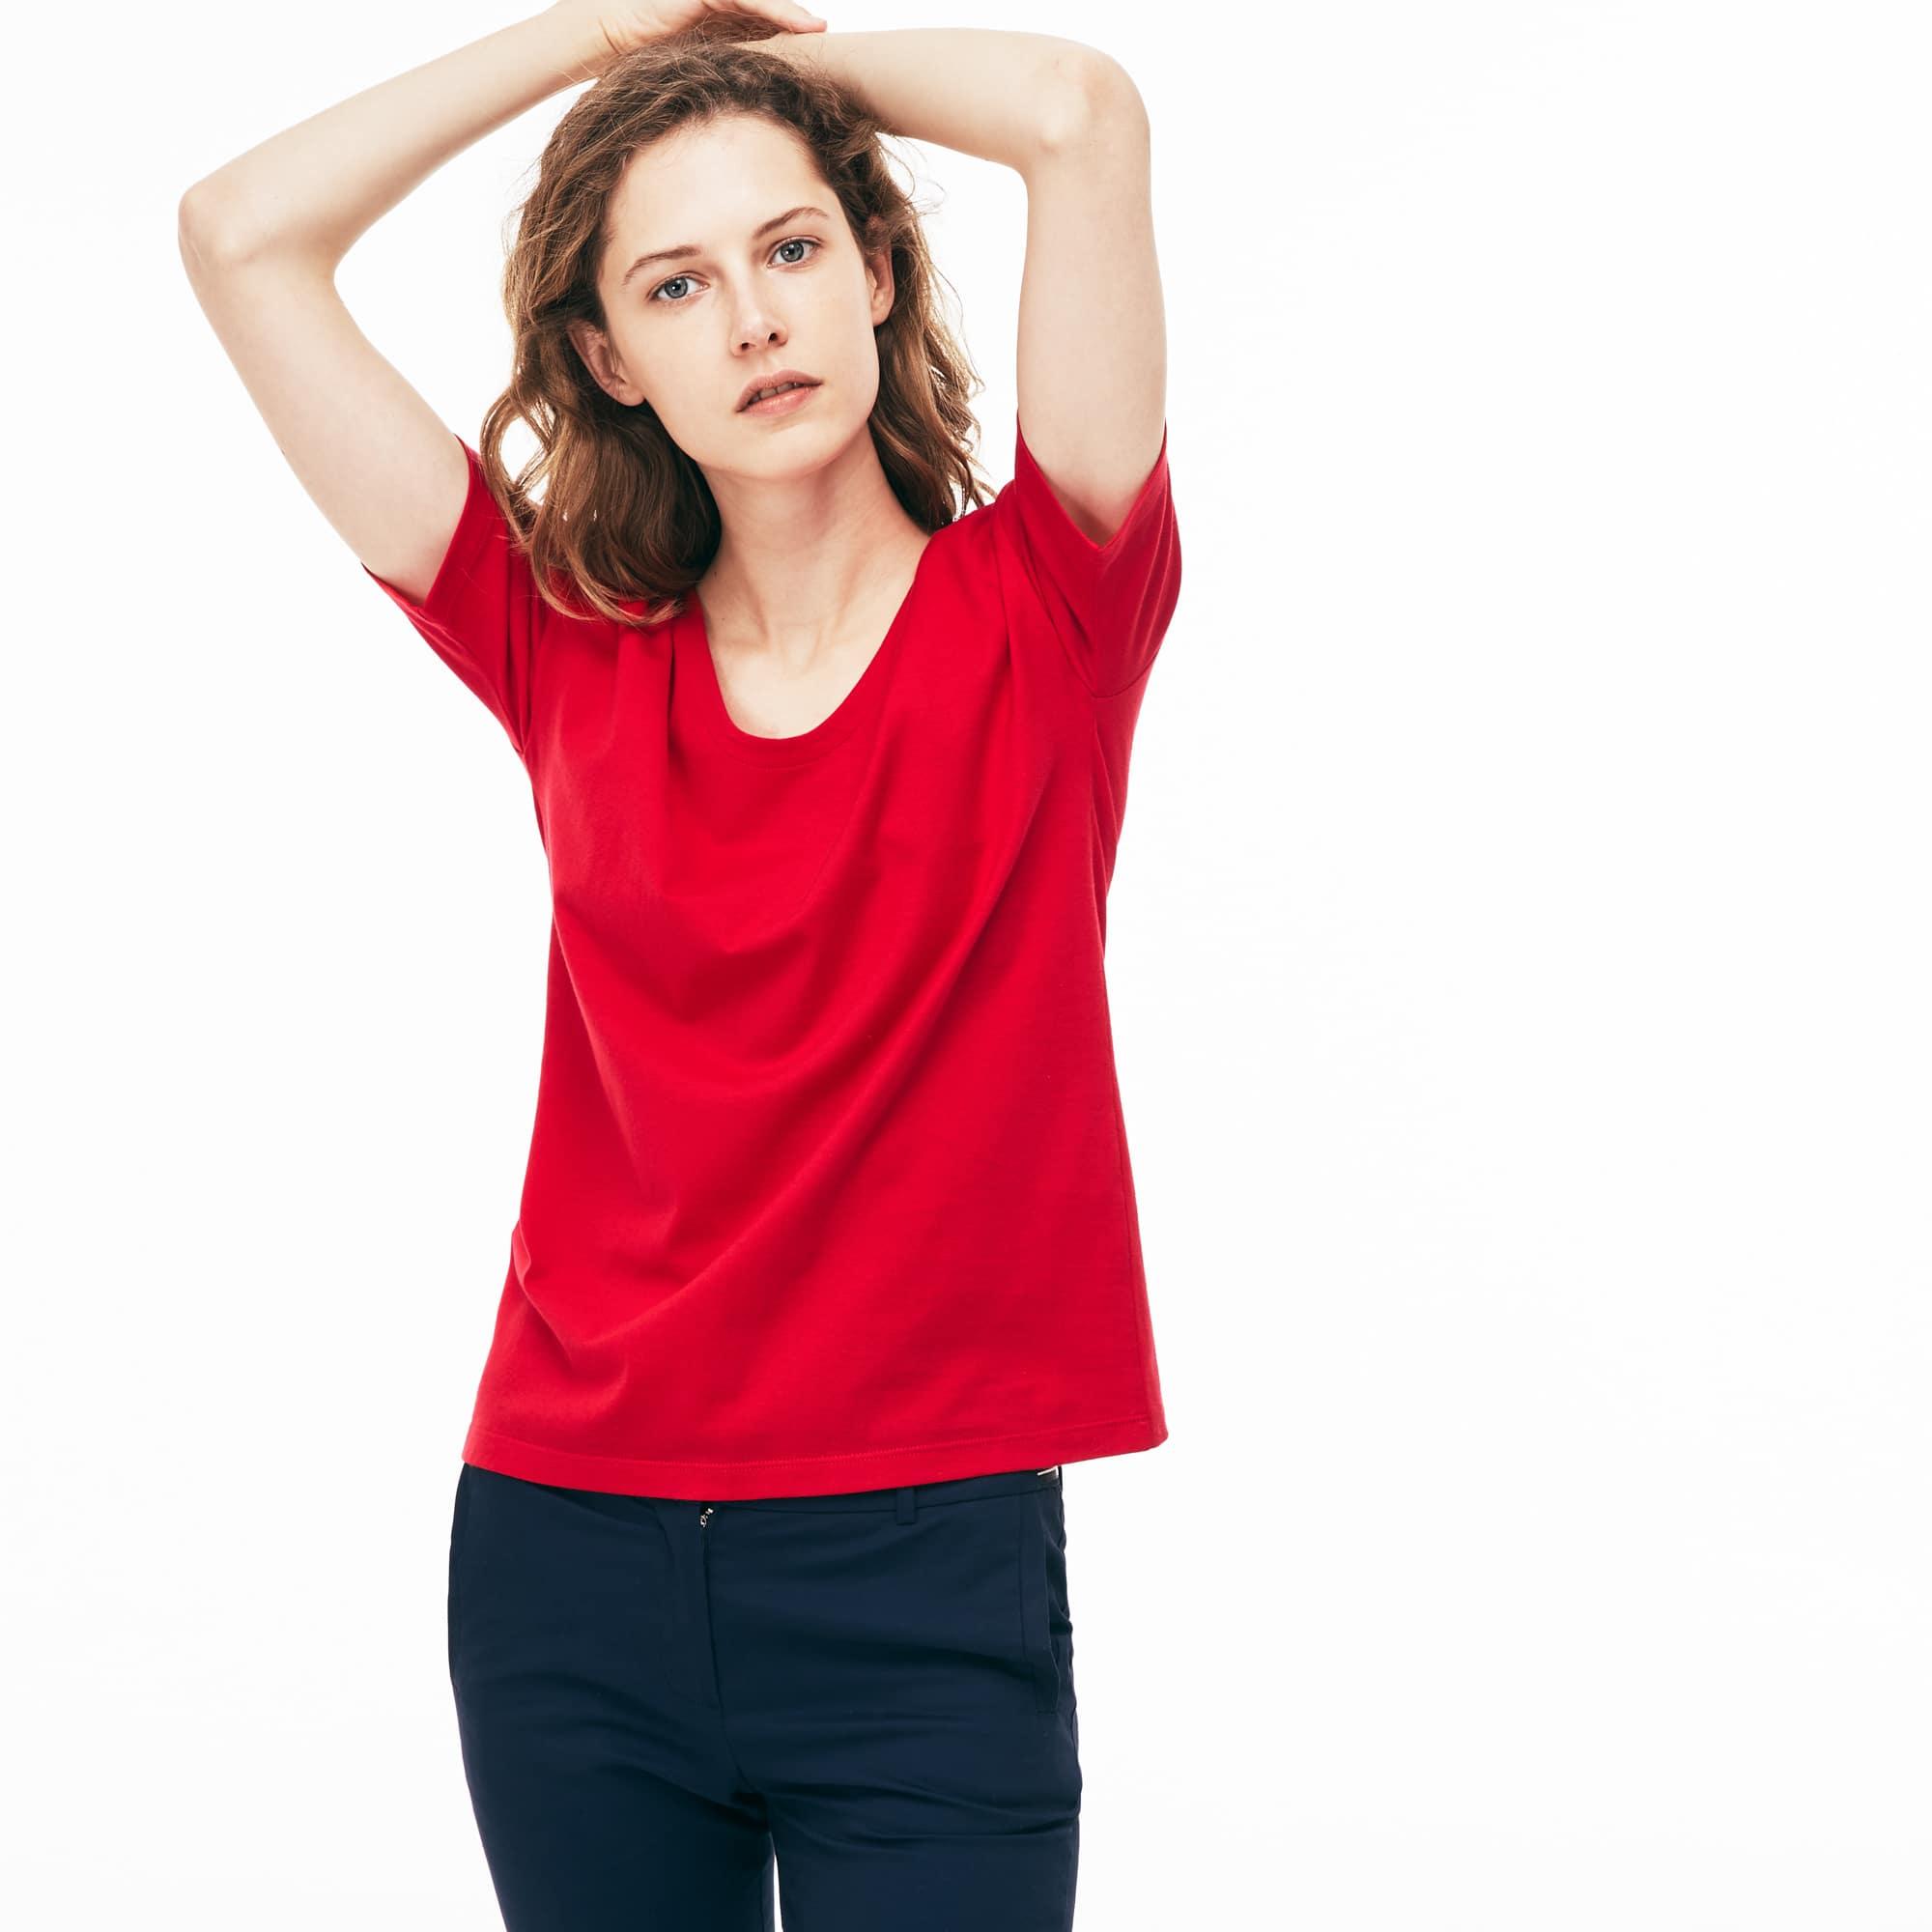 Women's Wide Neck Soft Cotton Jersey T-shirt